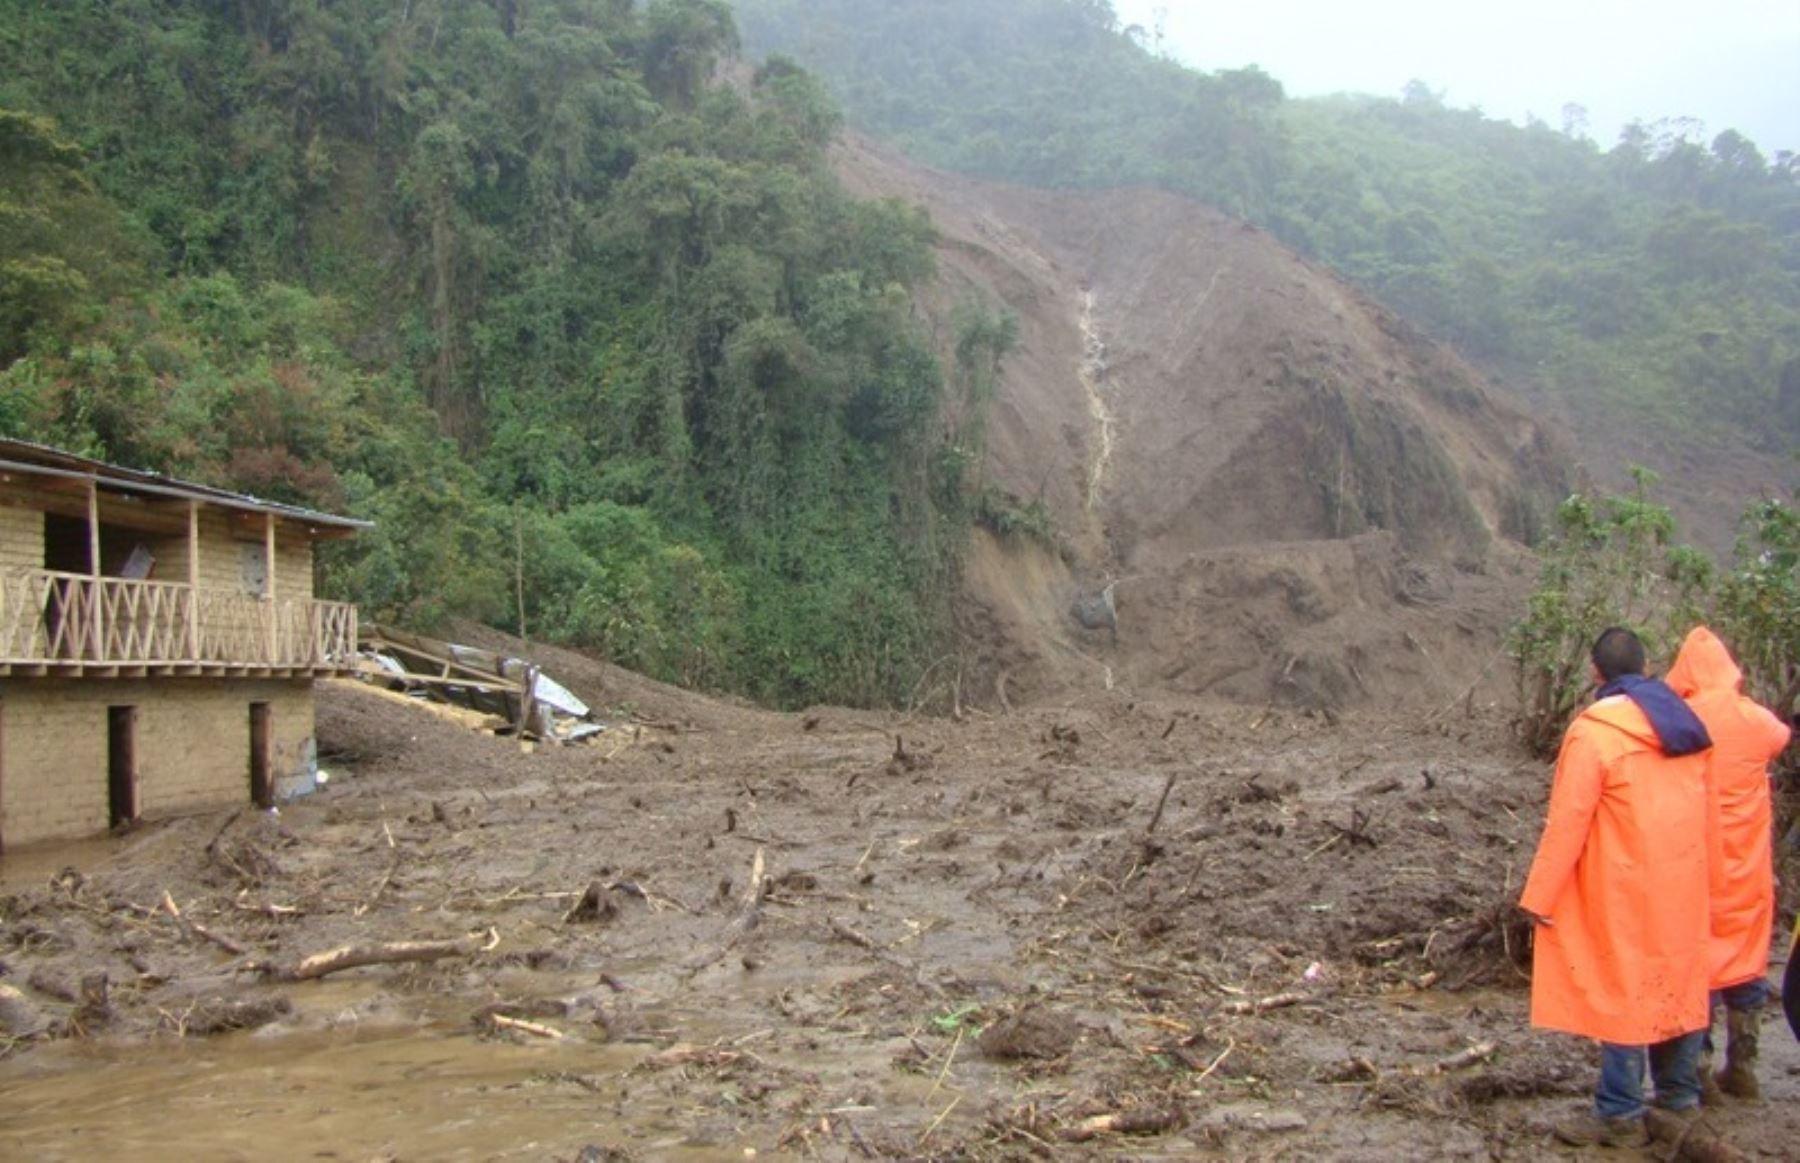 Deslizamiento afecta viviendas en Huancavelica. ANDINA/Archivo